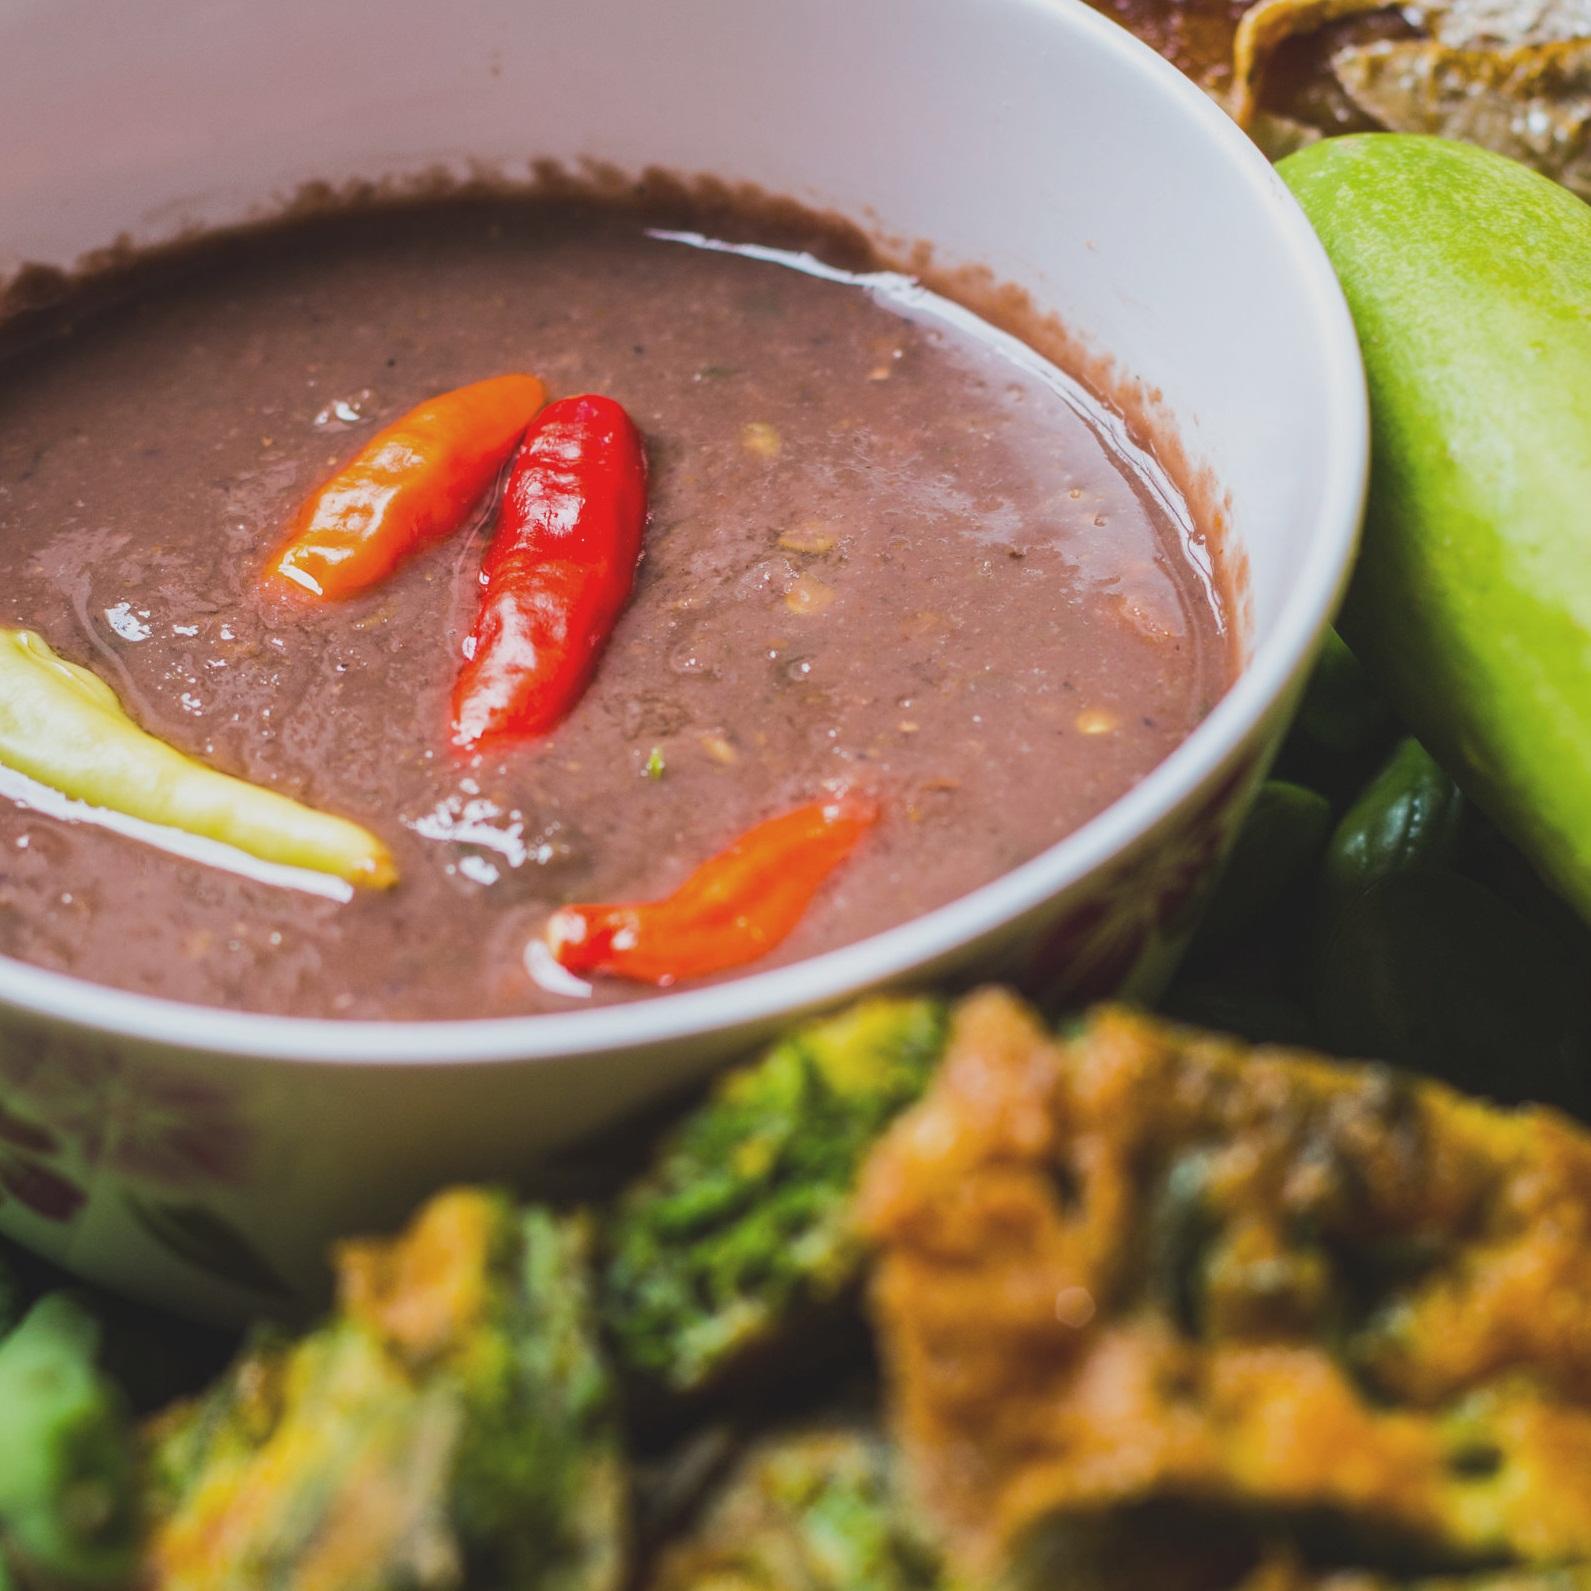 กินเผ็ช(ด)แบบไทย ดีต่อกาย thaihealth